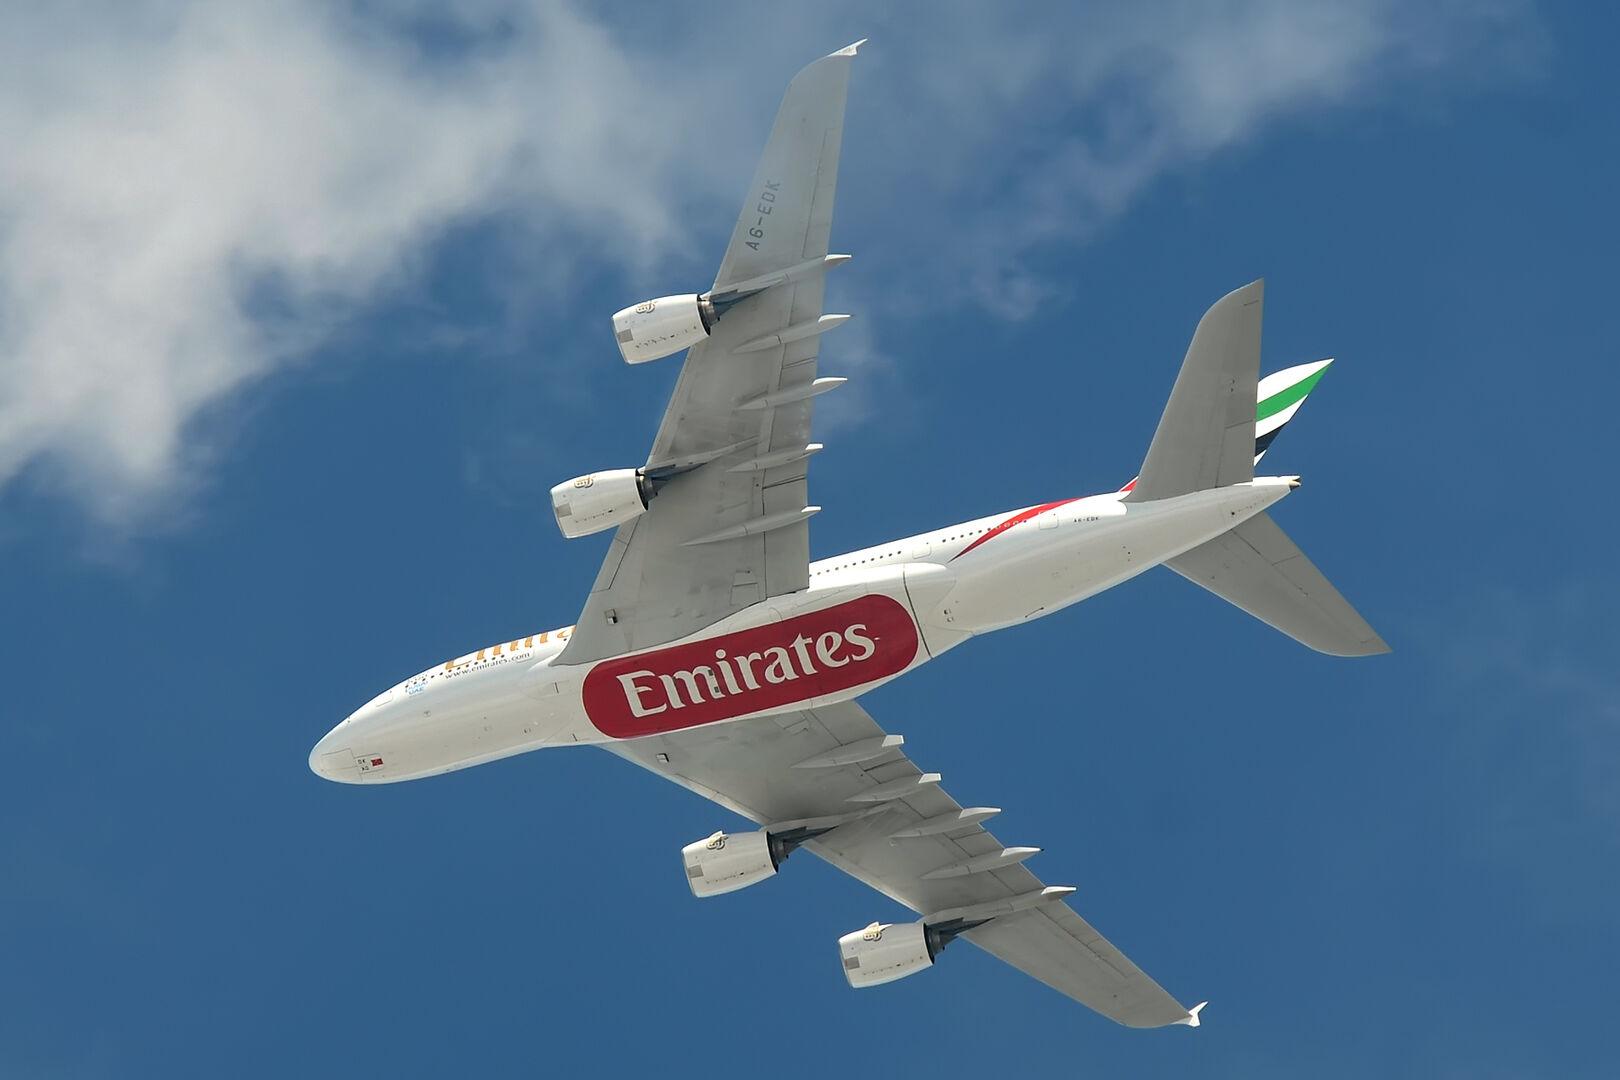 Emirates formas de financiación del comercio bancario islámico